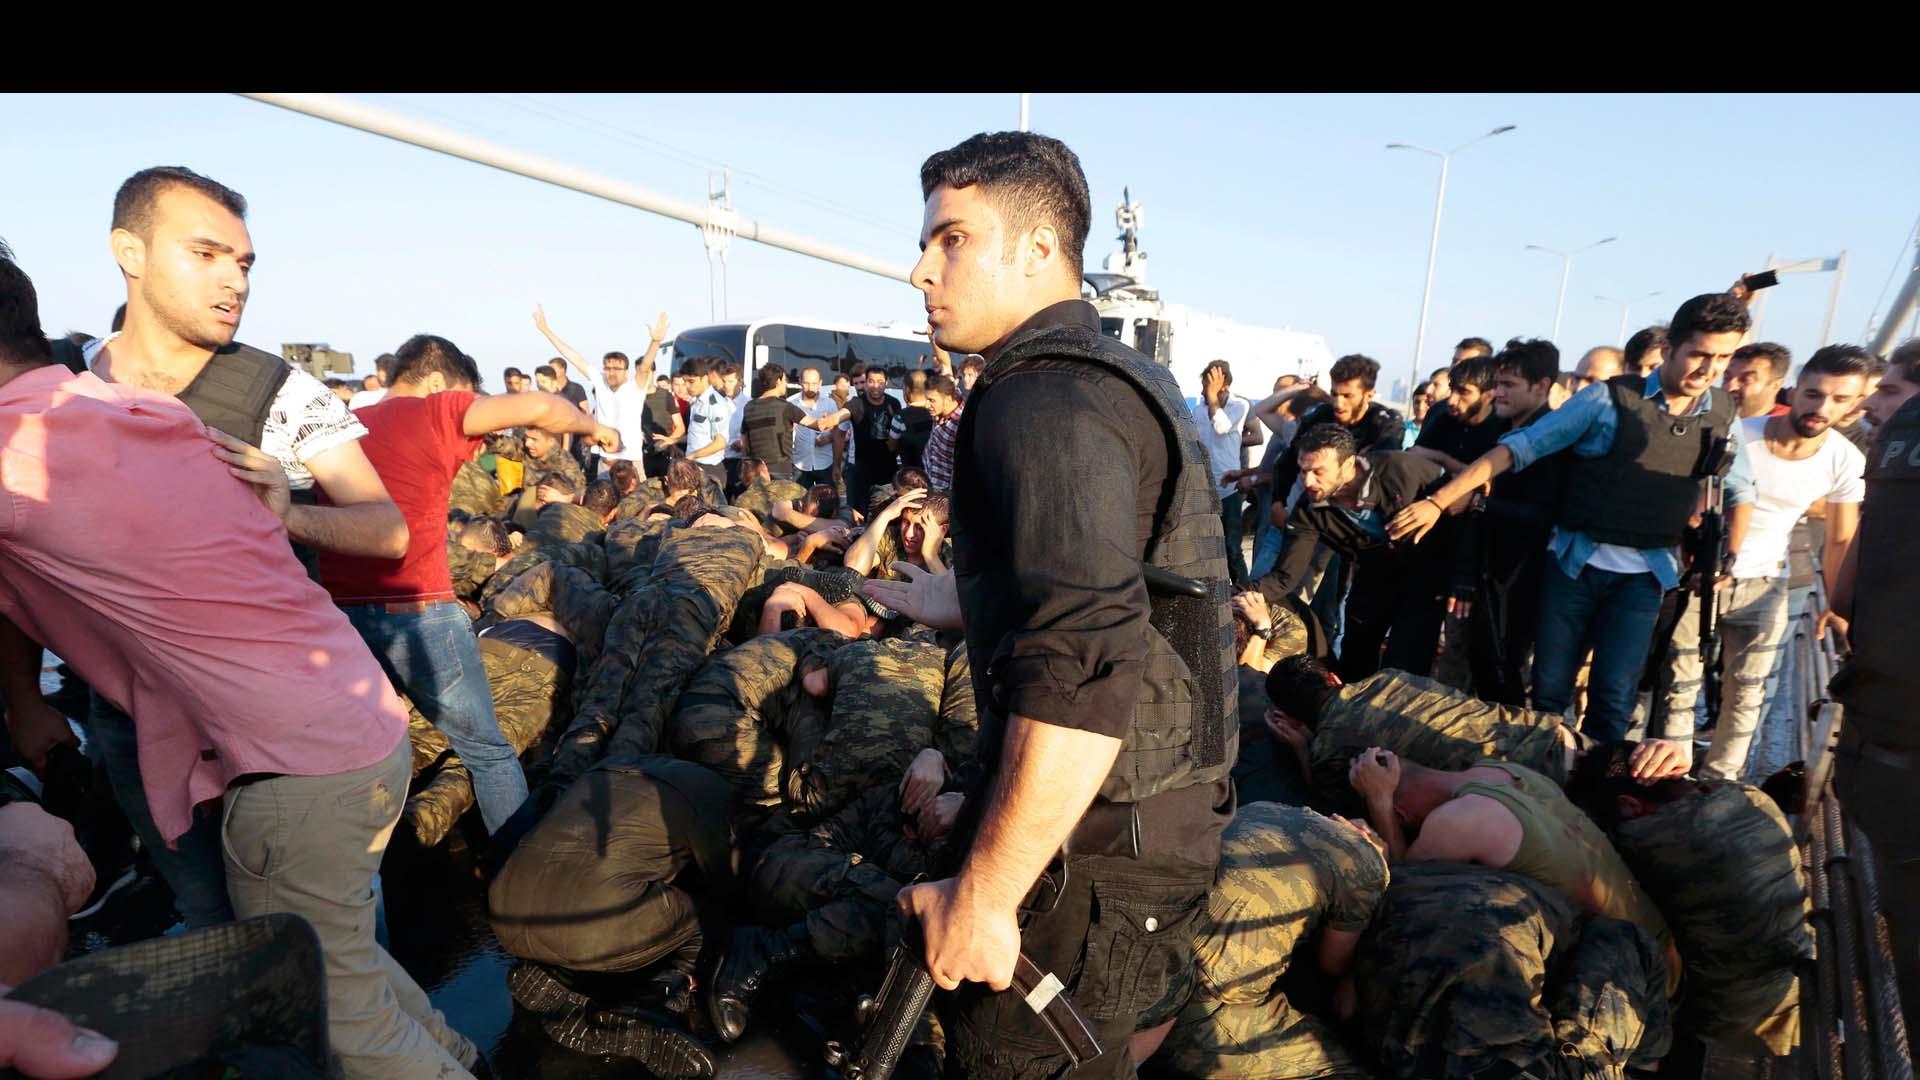 Civiles tomaron las calles en defensa del mandatario turco, Recep Tayyip Erdogan, y ayudaron a aplacar la rebelión de las Fuerzas Armadas